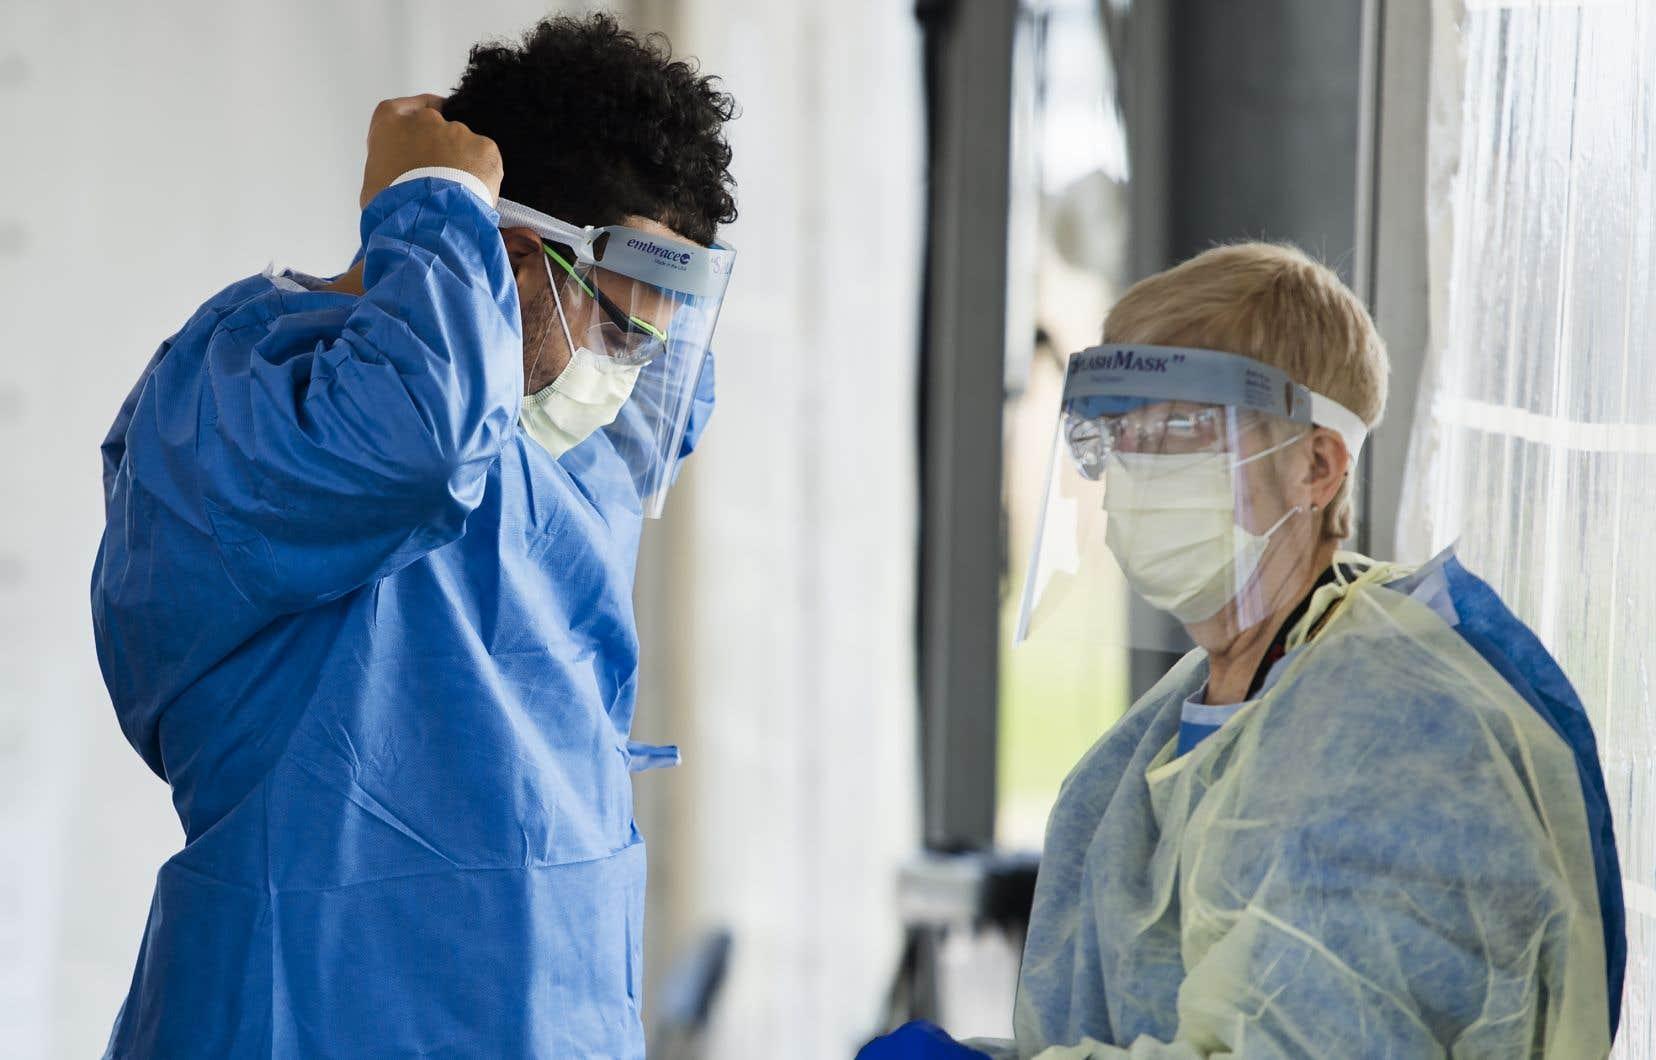 Globalement, c'est la charge de travail qui plombe la santé psychologique des travailleurs de la santé, observe Mariève Pelletier, conseillère scientifique spécialisée en santé au travail pour l'INSPQ.